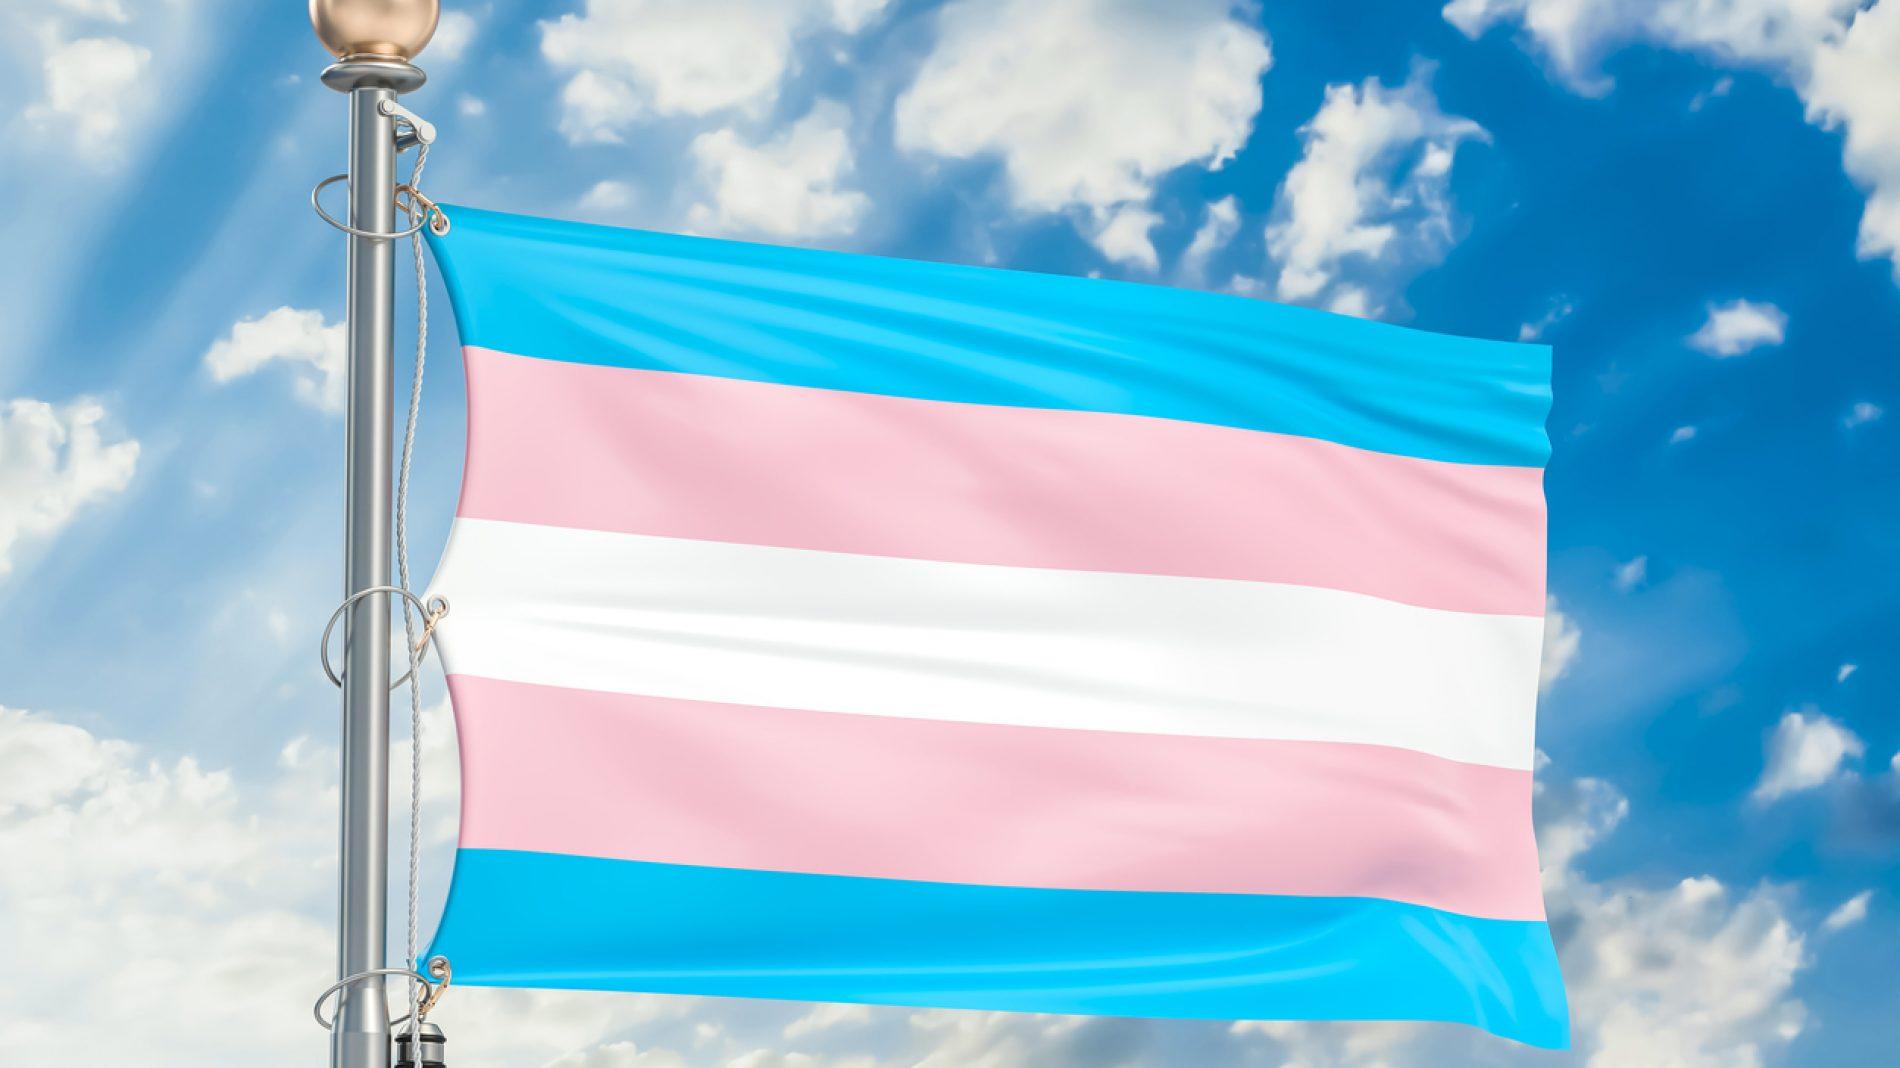 Transgender flag waving in blue cloudy sky, 3D rendering